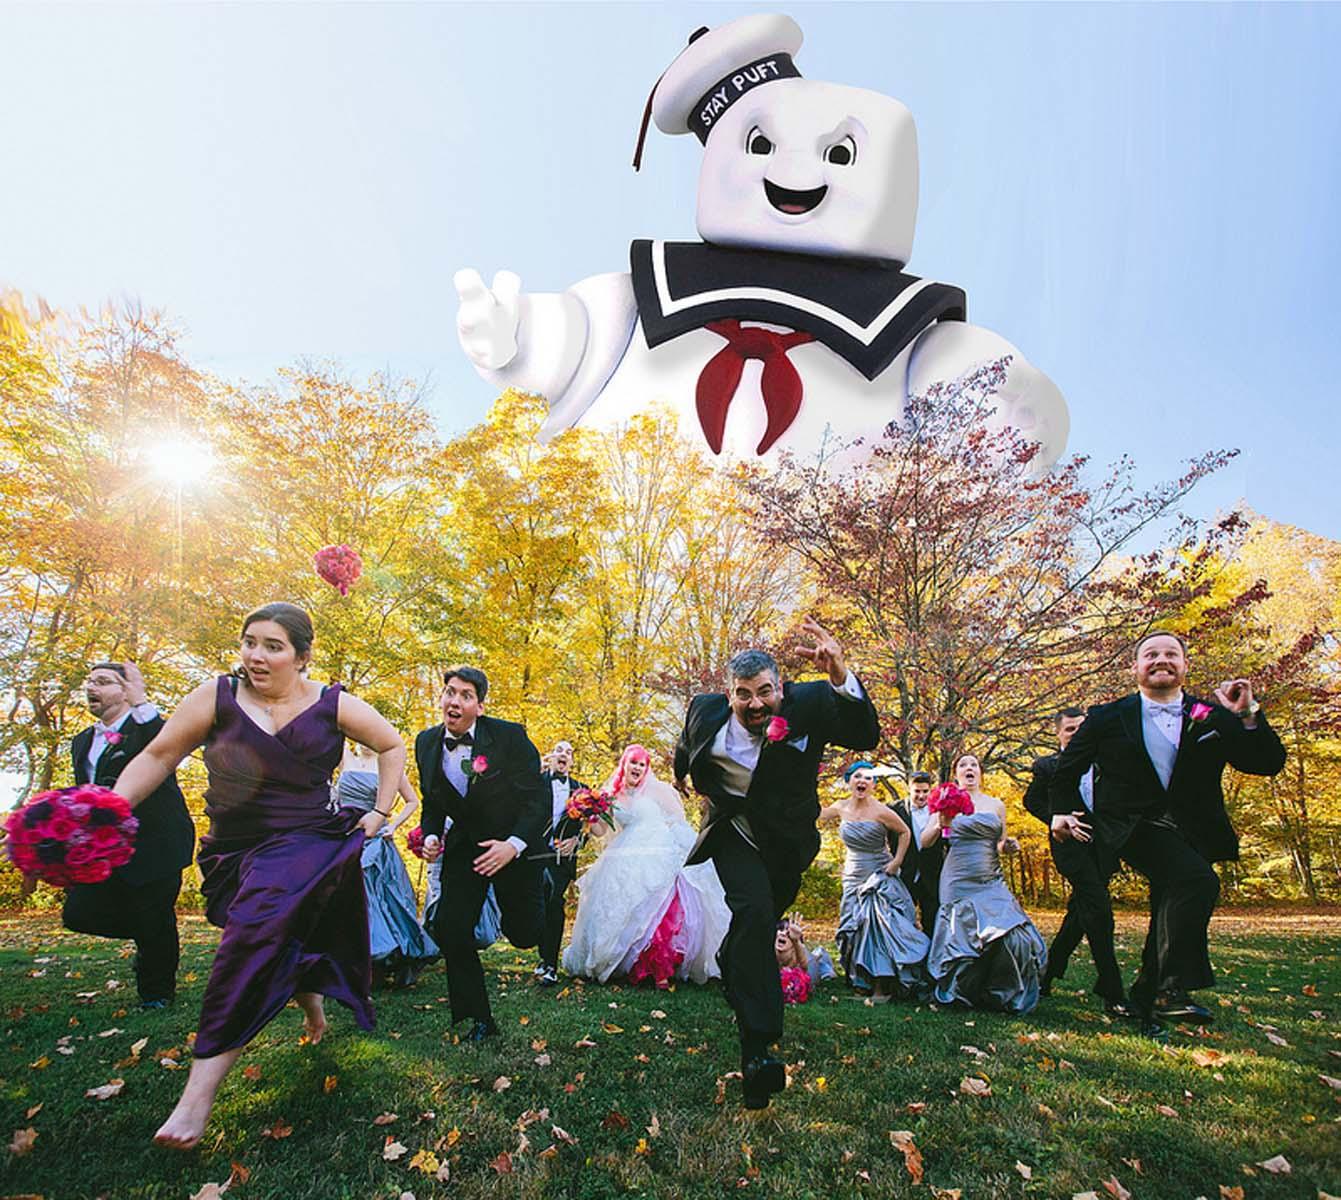 fotomontaje-ciencia-ficción-bodas